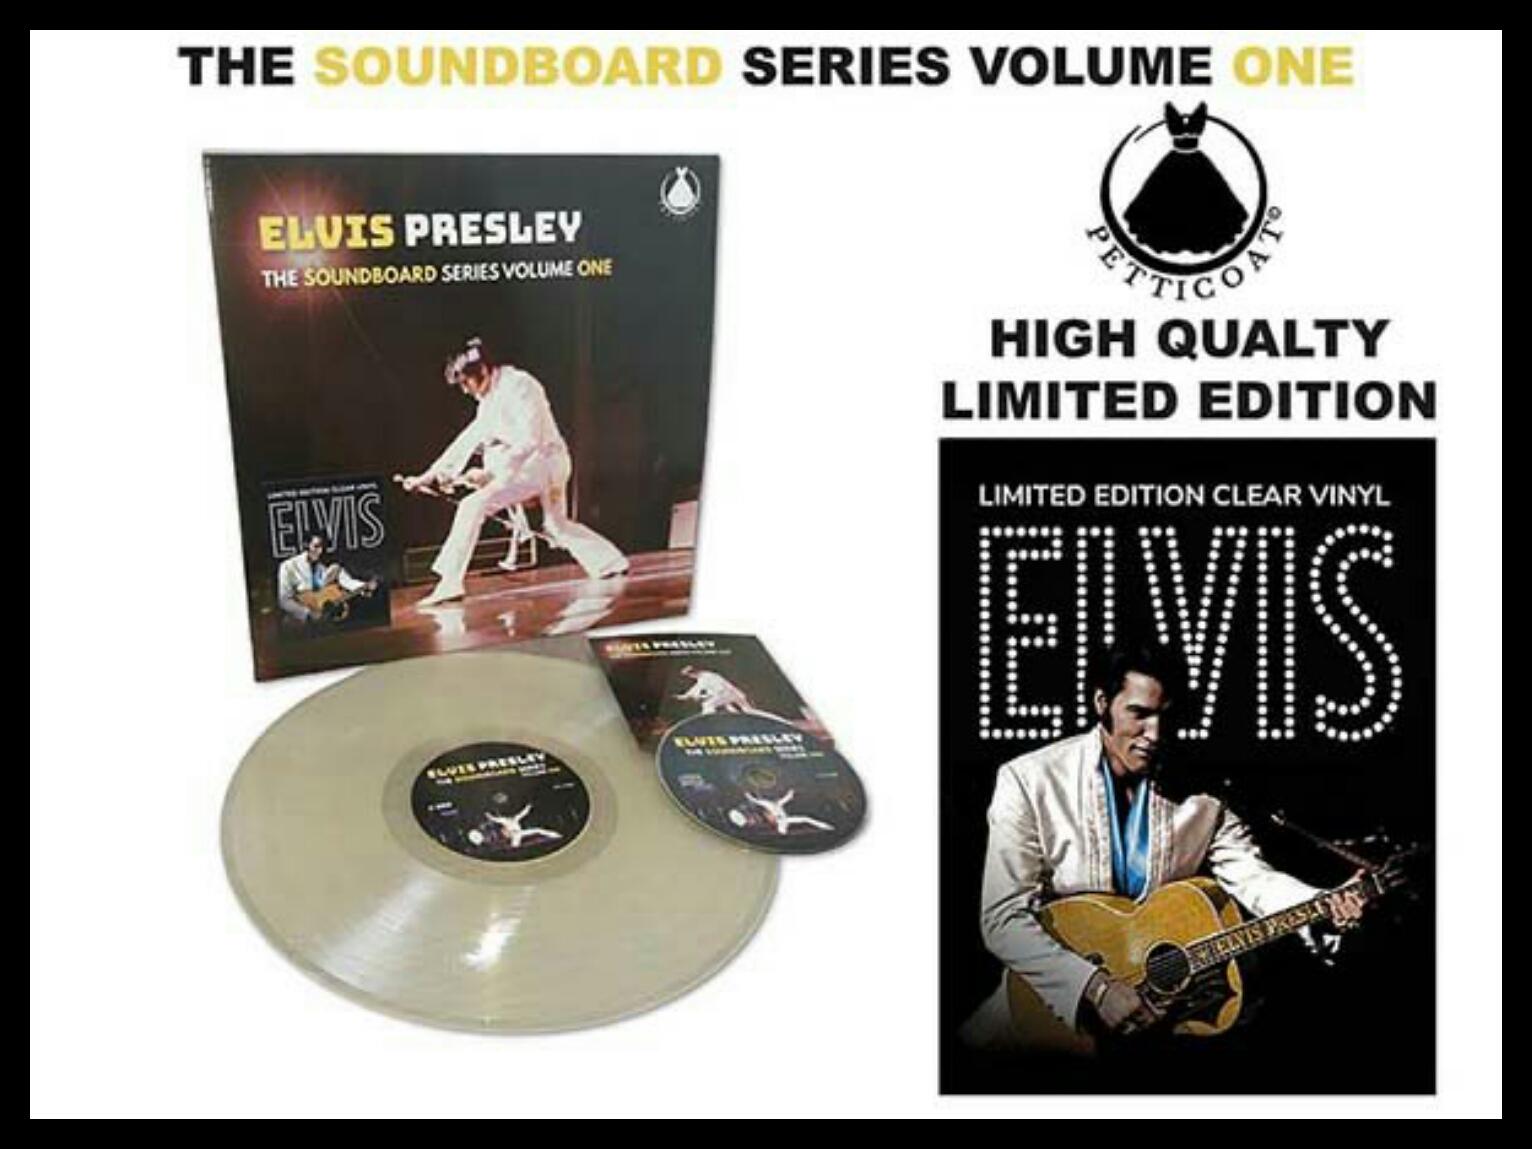 ELVIS PRESLEY - THE SOUNDBOARD SERIES VOL. 1 Elvispresley-thesoundufkfh